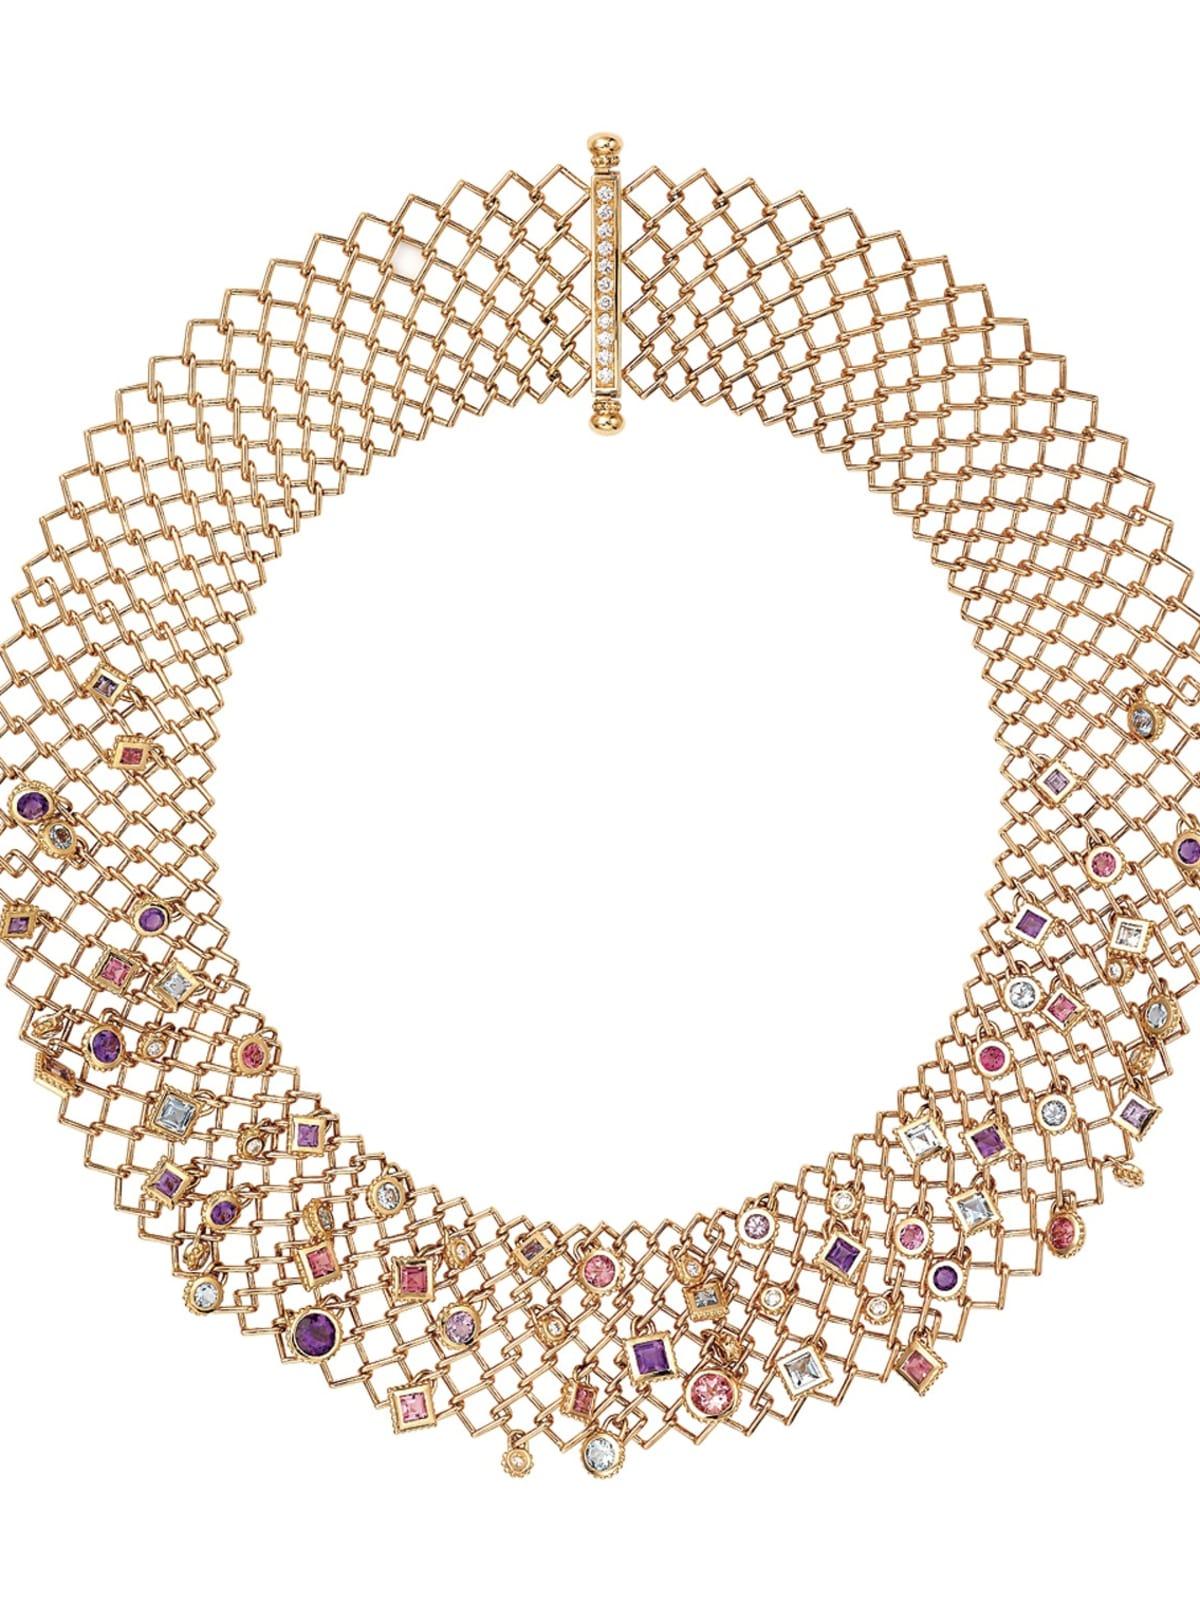 Cartier necklace collection Paris Nouvelle Vague